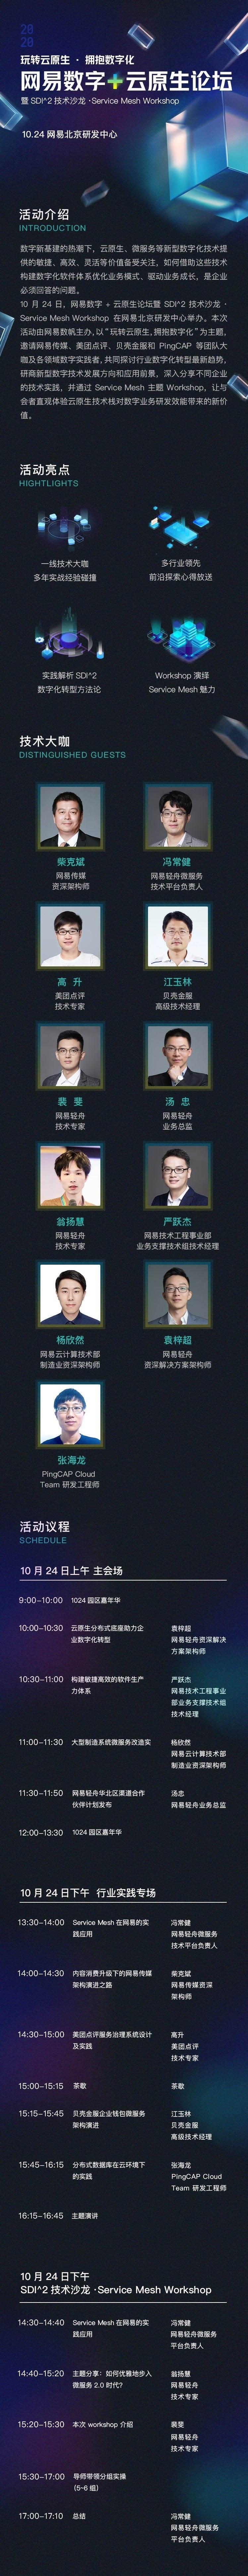 招募活动行长图1.png